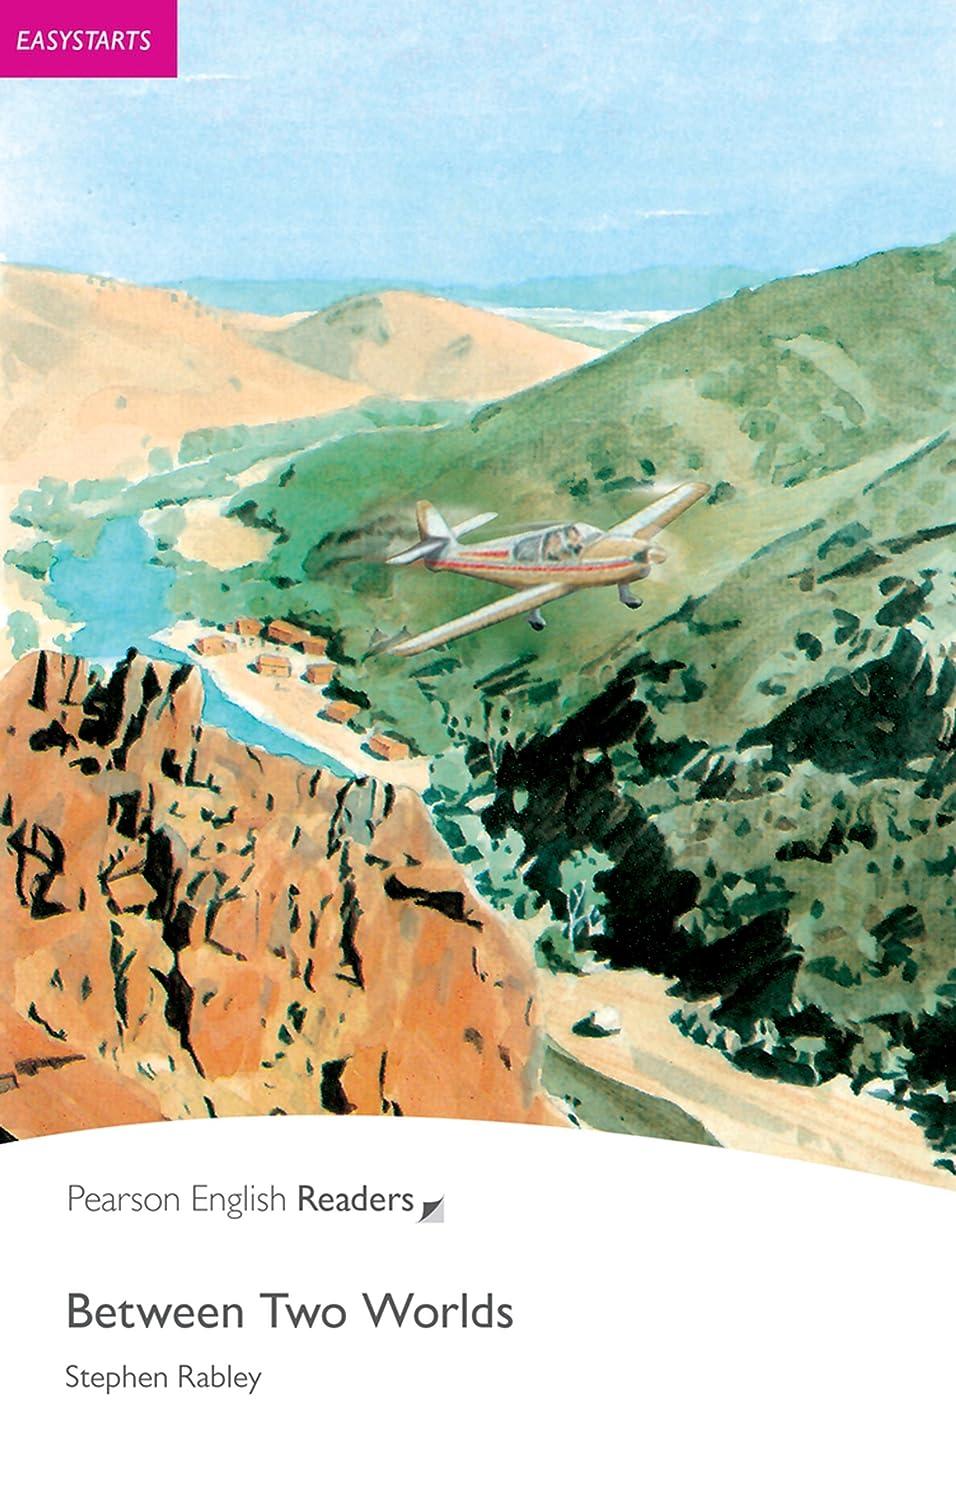 変装成長傀儡Easystart: Between Two Worlds (Pearson English Graded Readers) (English Edition)